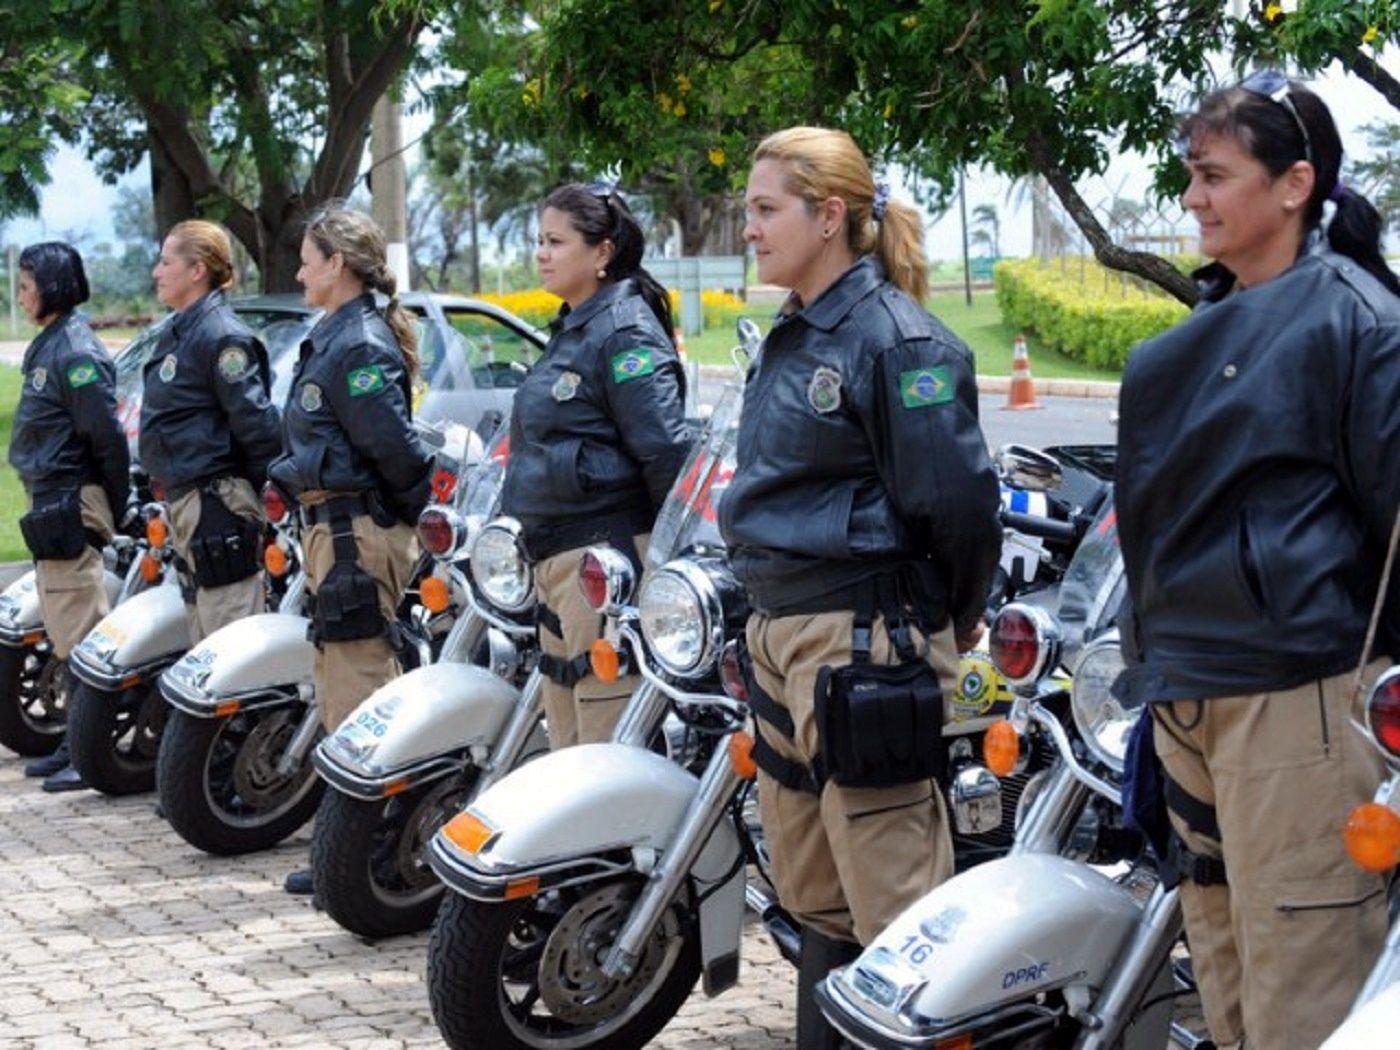 POLÍCIA RODOVIÁRIA FEDERAL   http://www.jornalagora.com.br/site/content/noticias/detalhe.php?e=6&n=5801